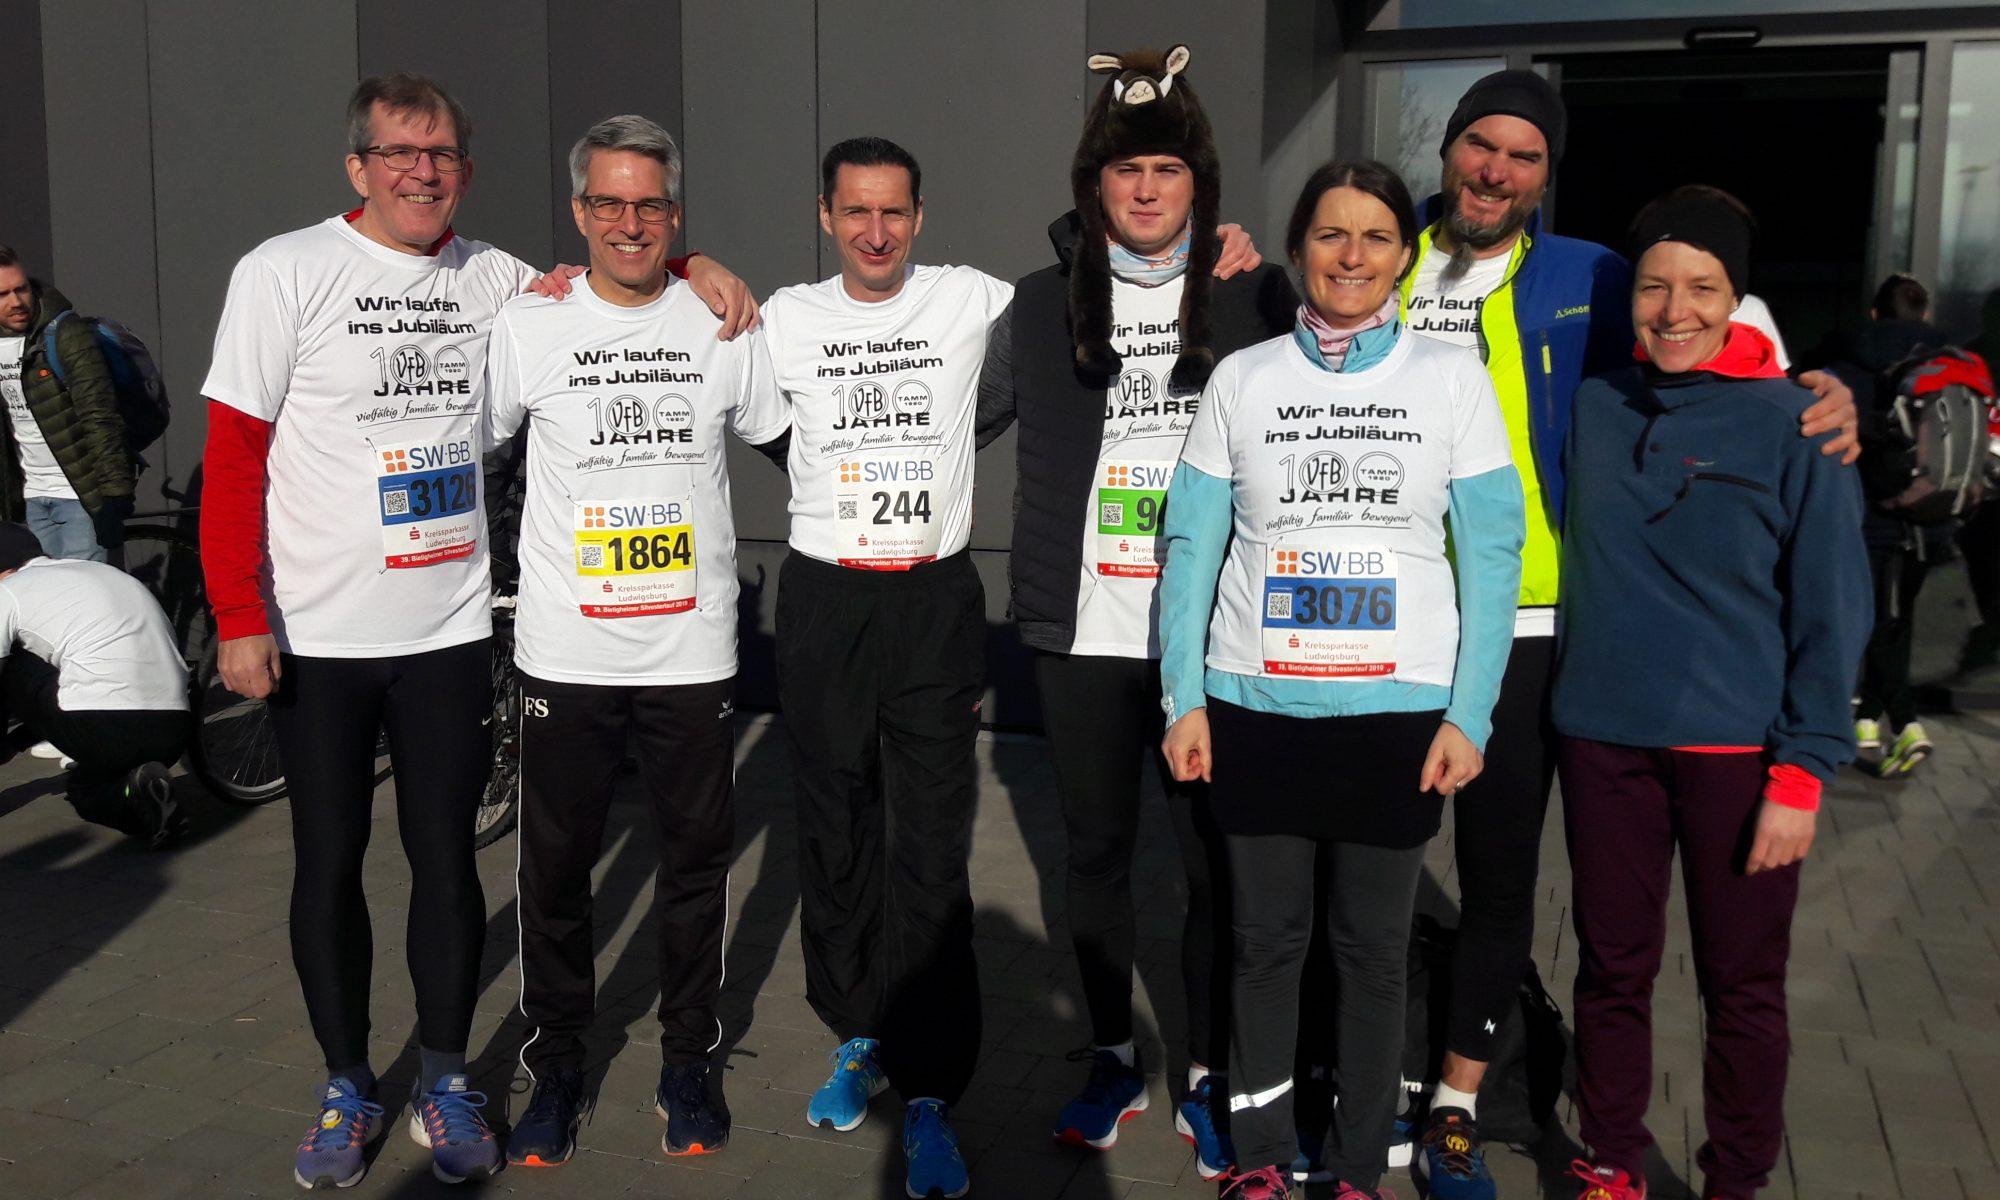 Unsere Eintracht-Läufer. Es fehlen auf dem Bild Wolfgang Günther und Thomas Woelky